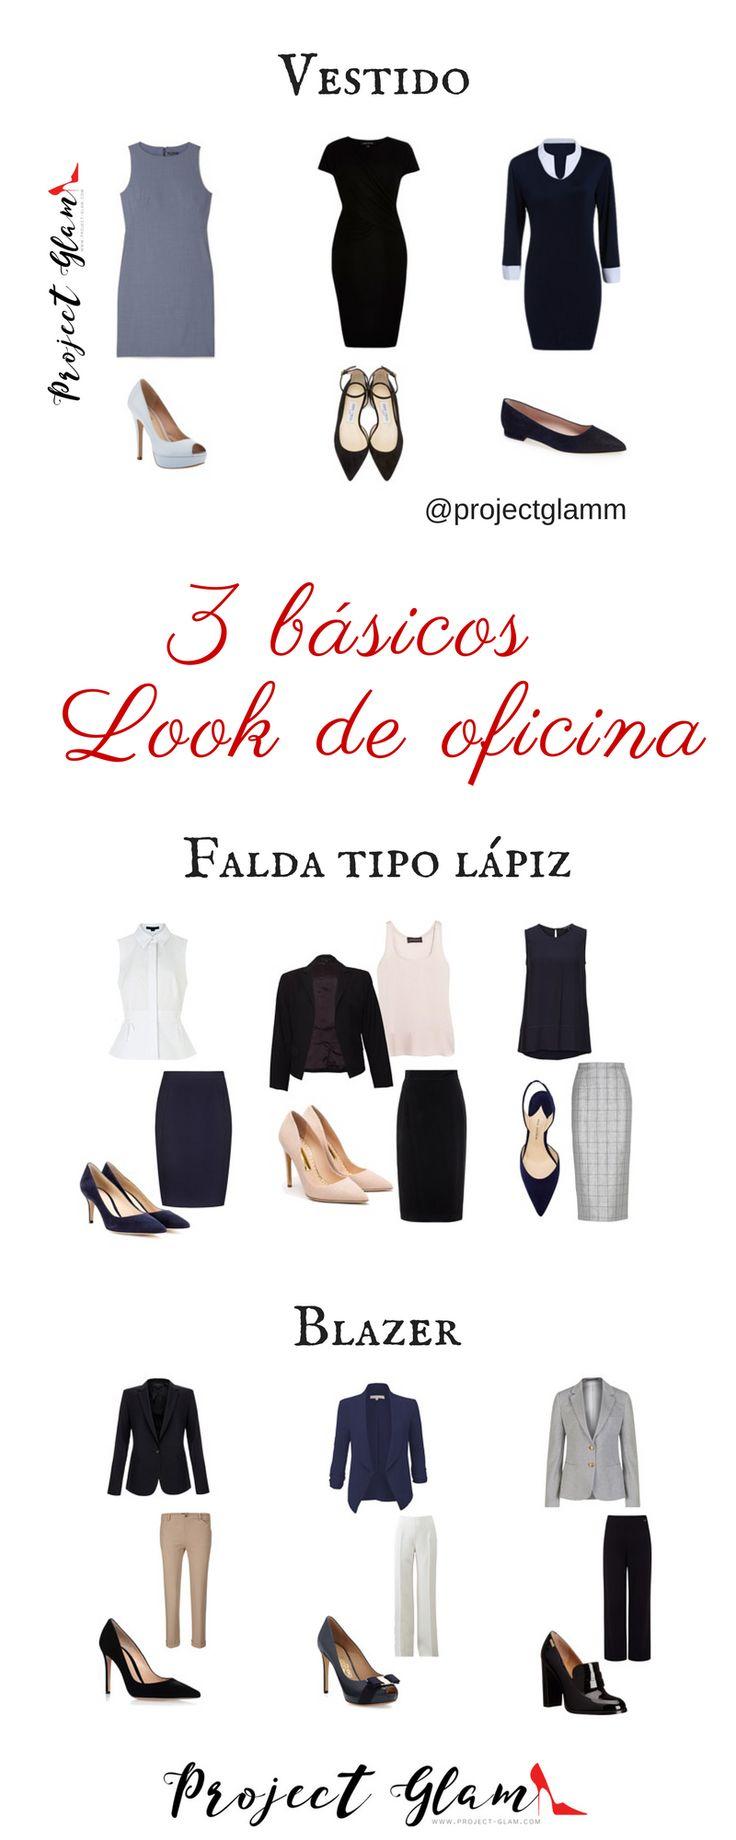 3 #básicos para un estilo de #oficina